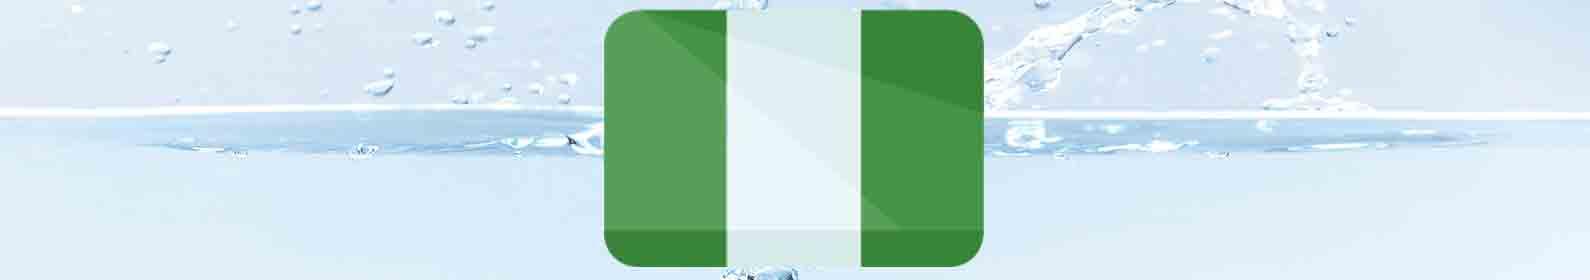 water-treatment-nigeria.jpg